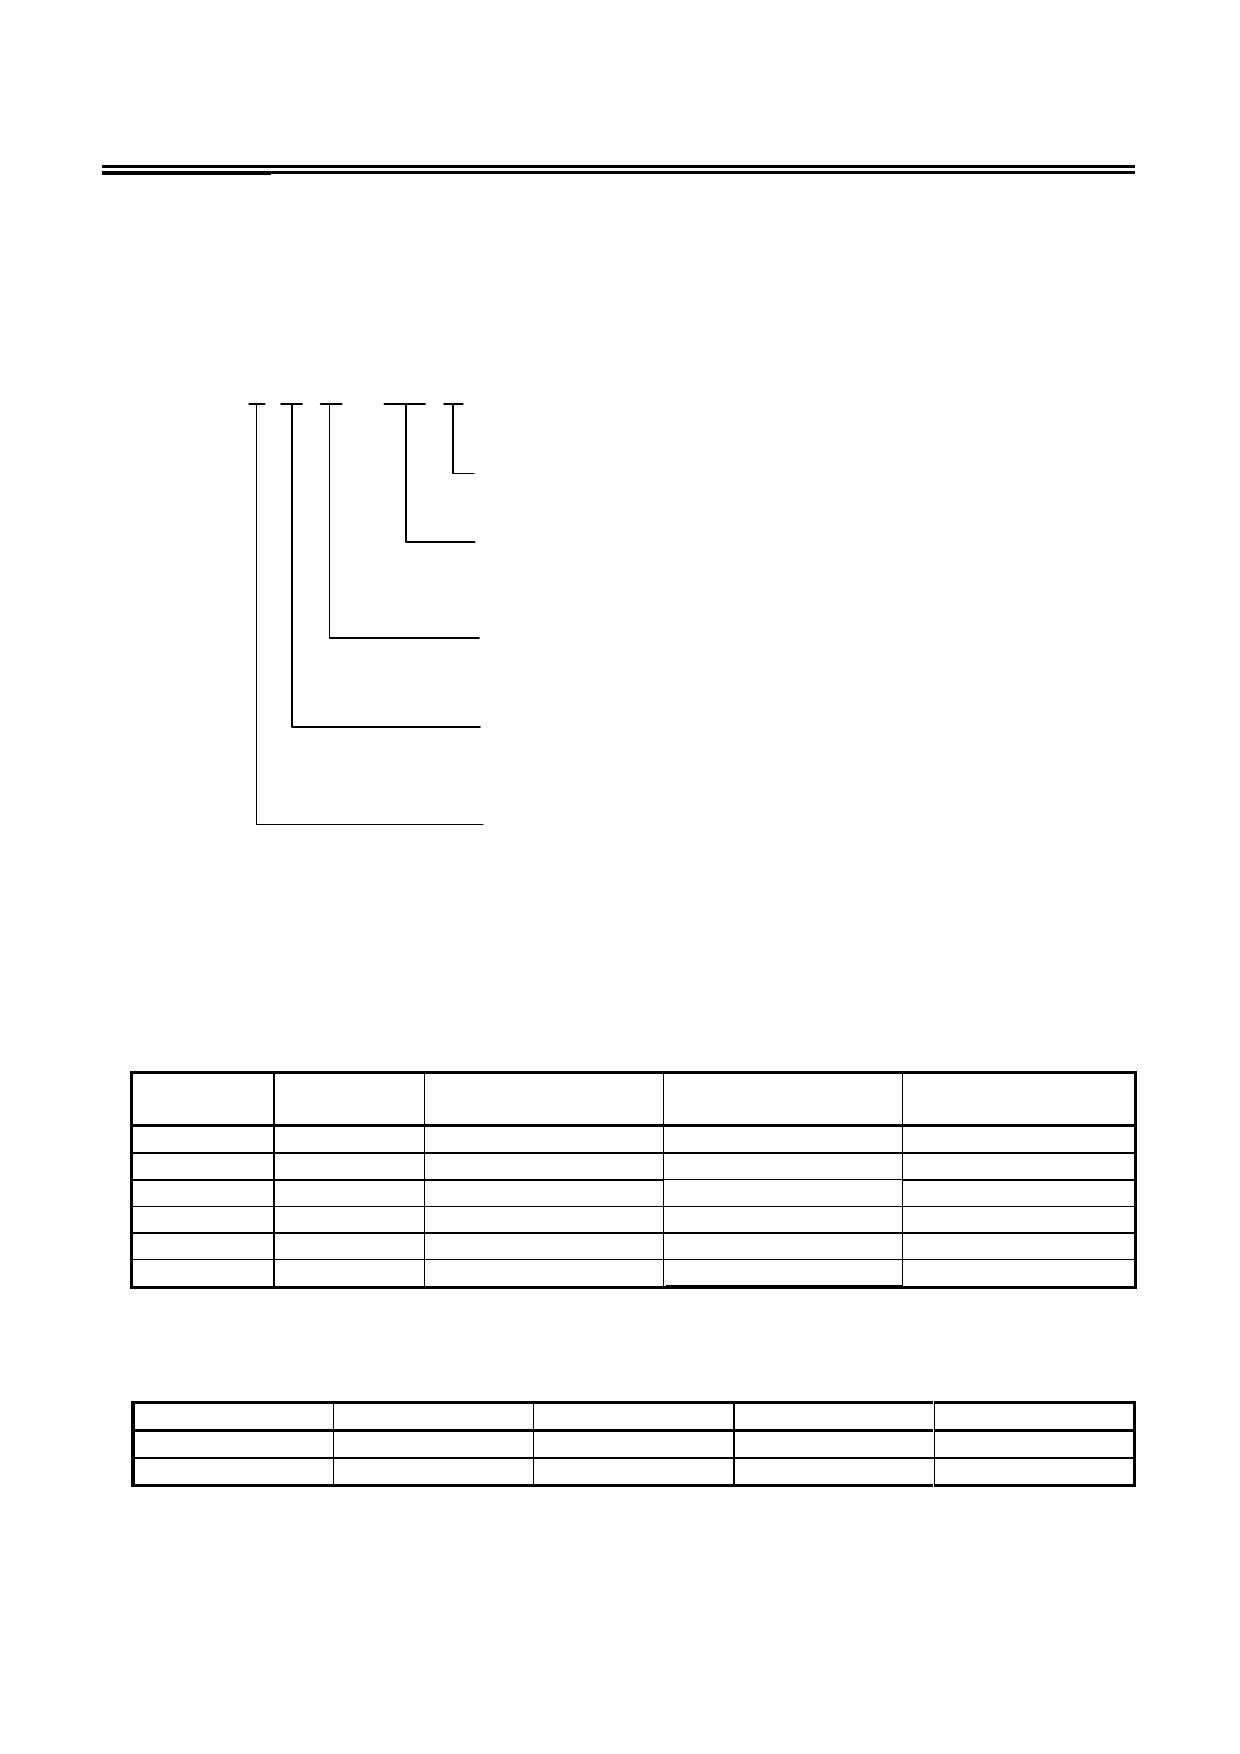 S-13D1 pdf